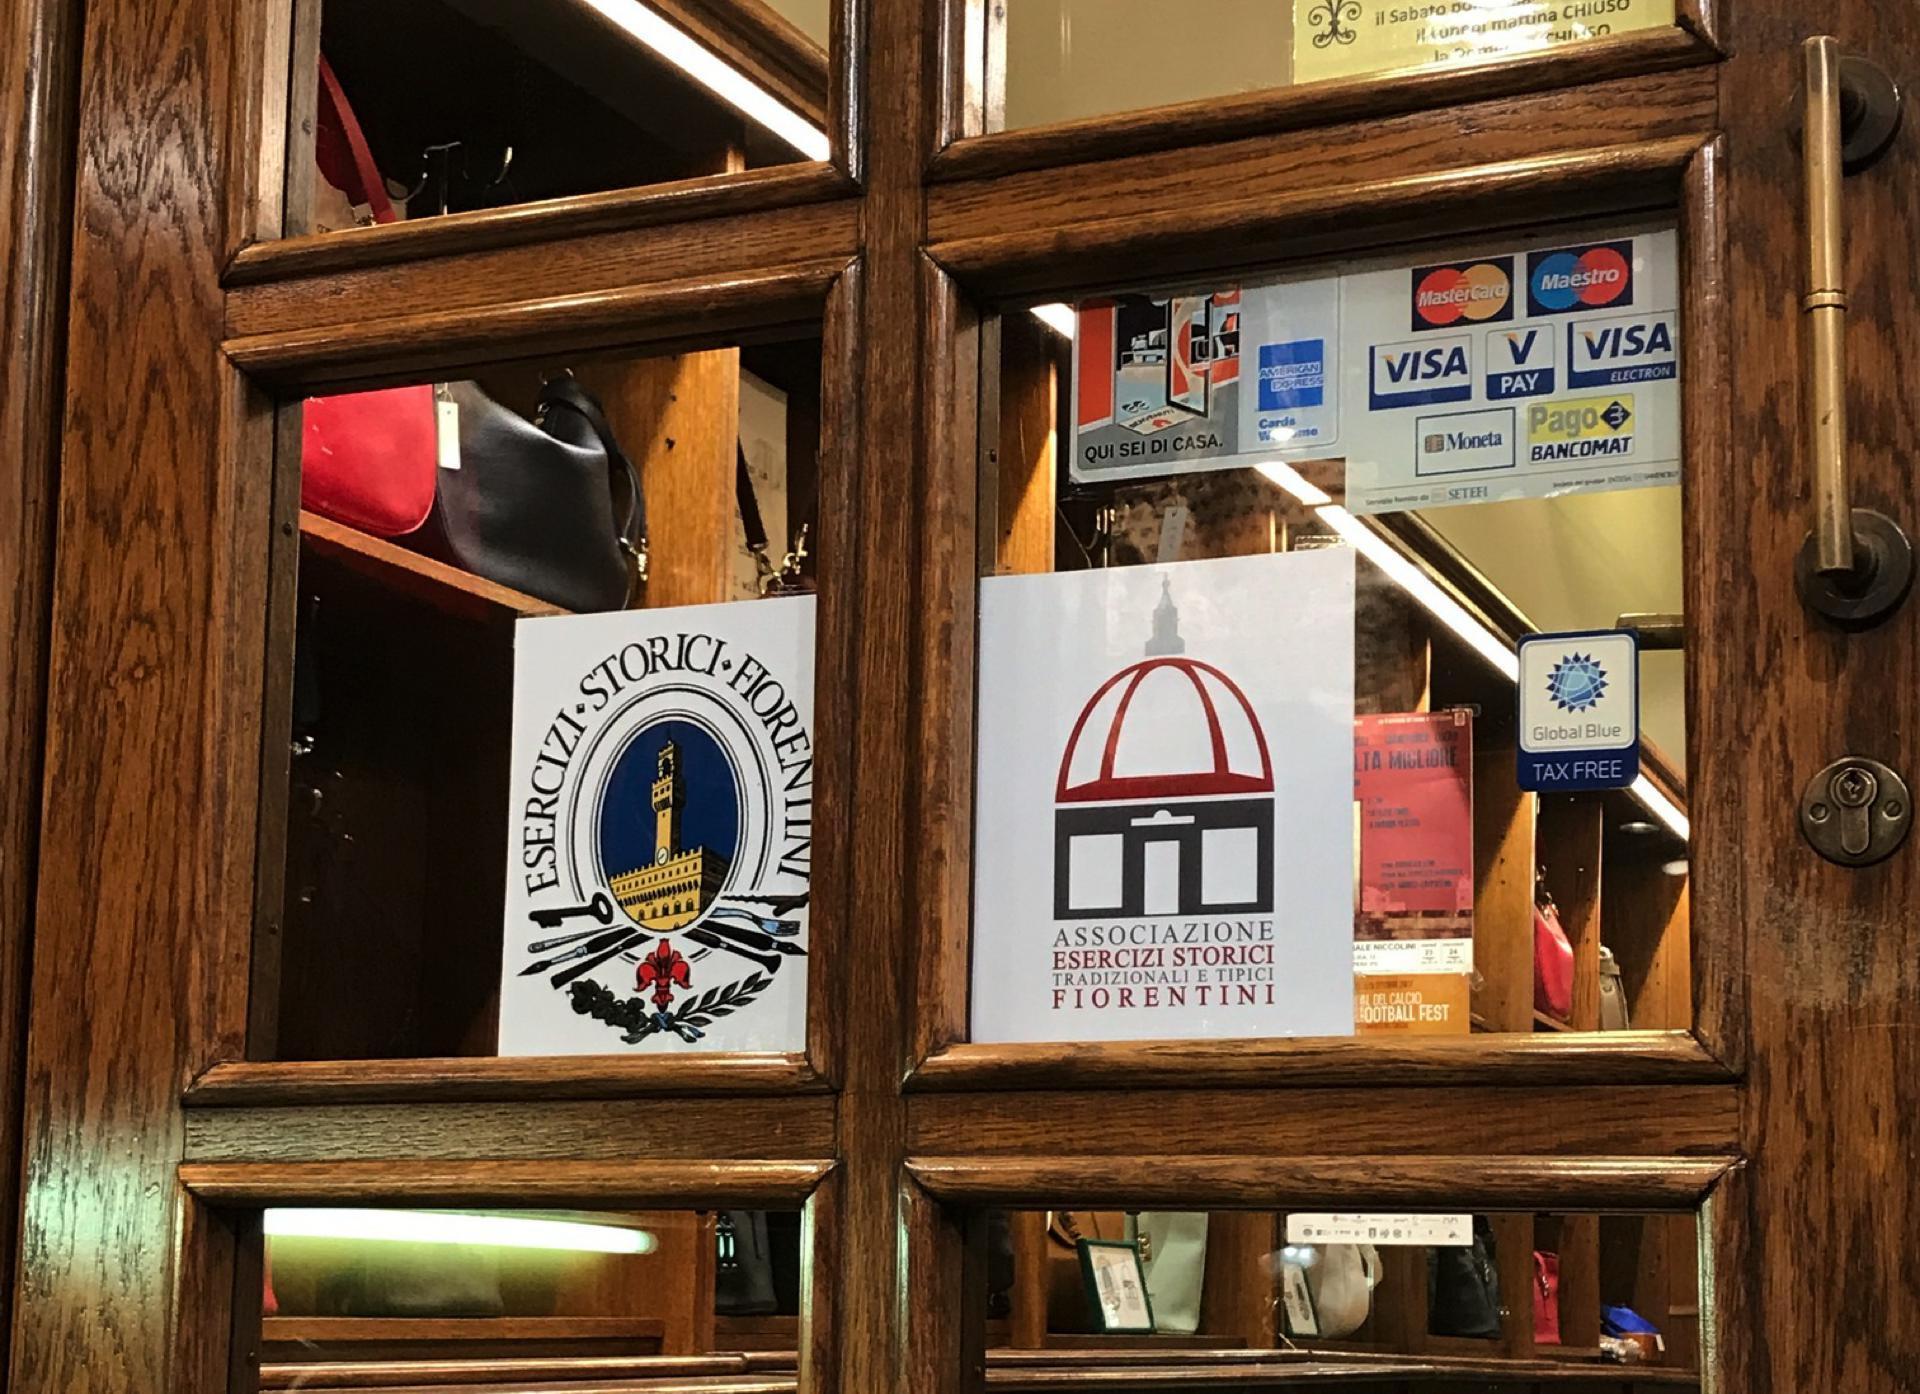 Associazioni Esercizi Storici Fiorentini